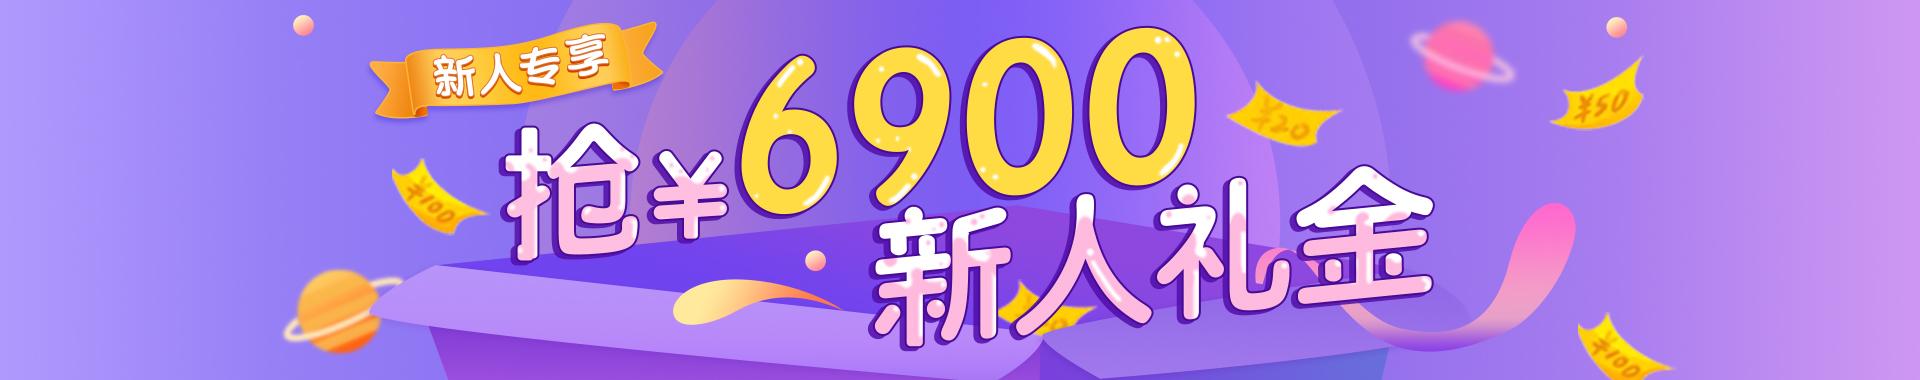 7月新人pc首頁banner